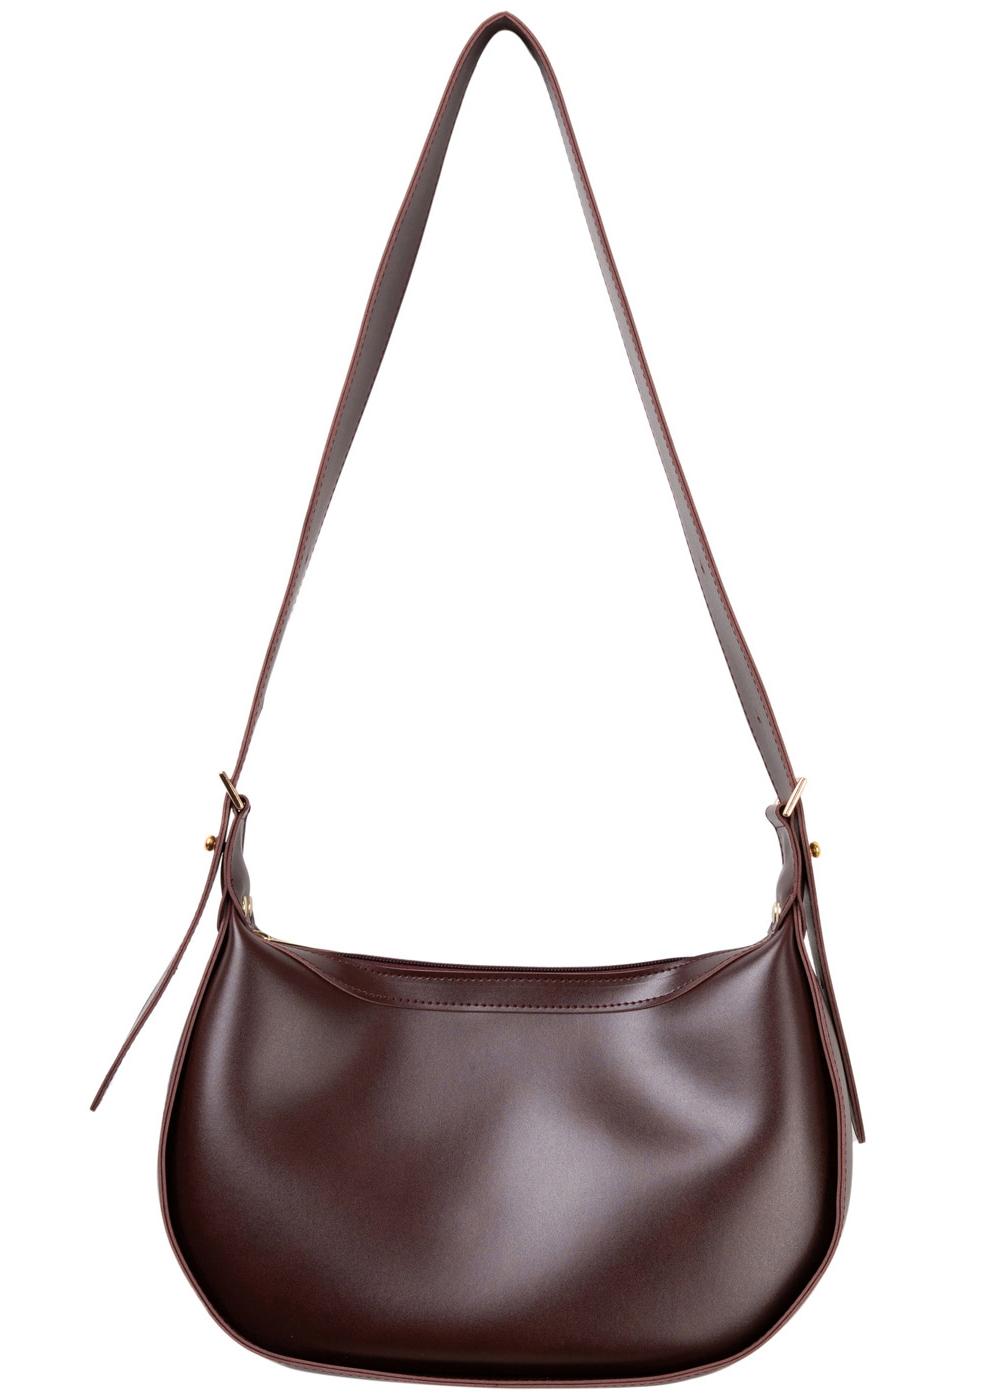 bag cocoa color image-S1L3